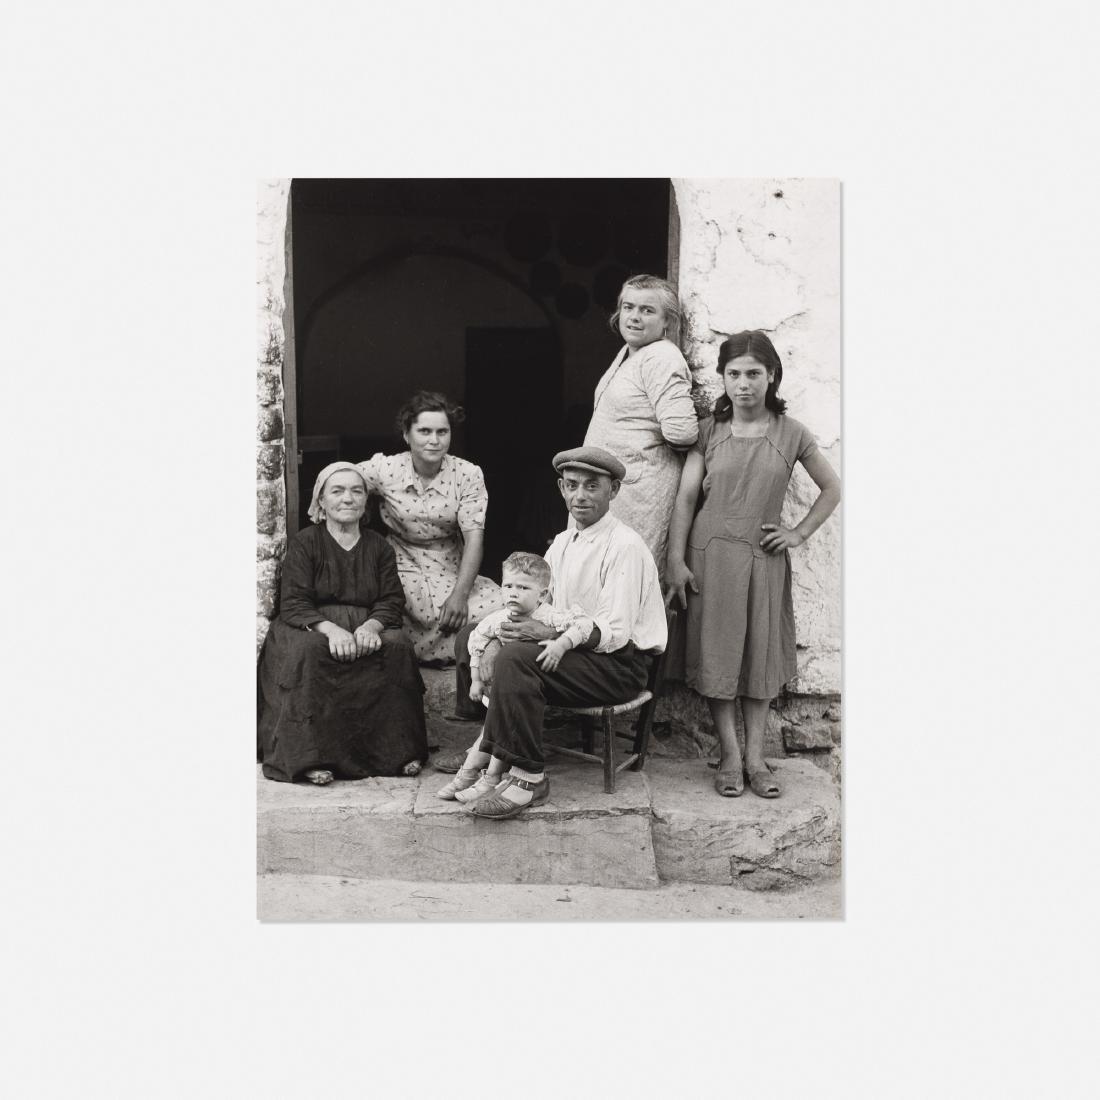 Nino Migliori, Da Gente del Sud